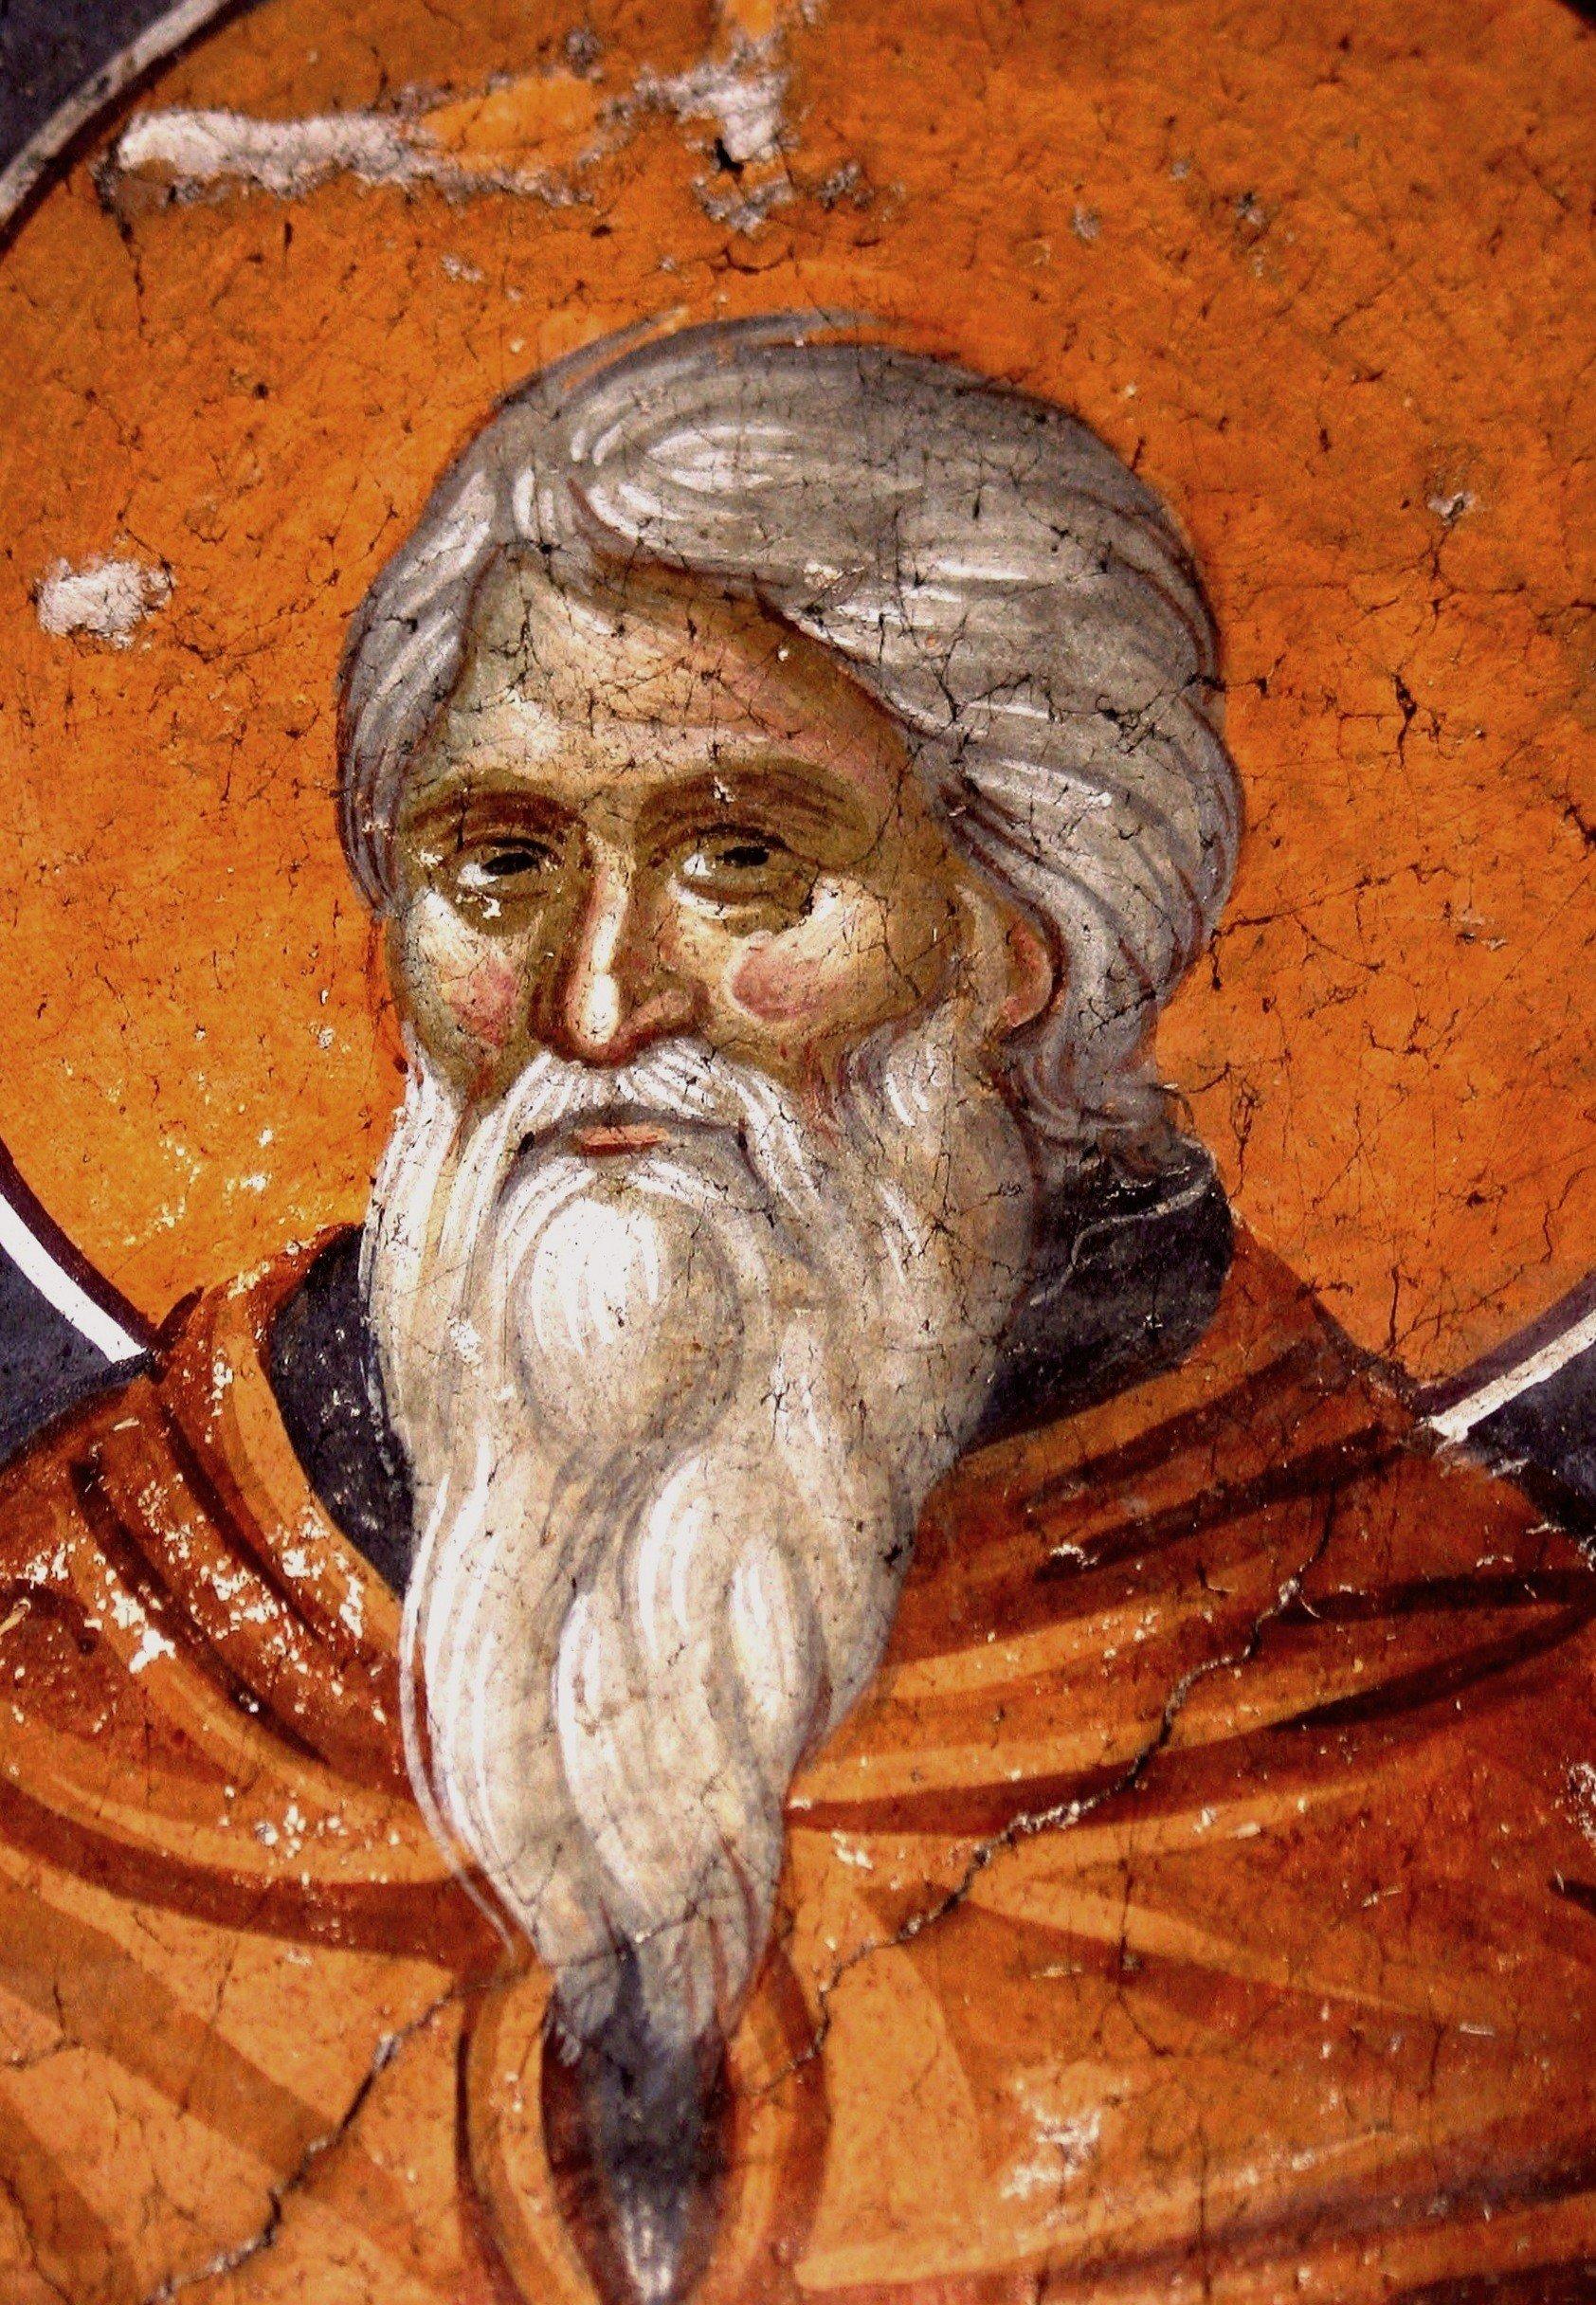 Святой Преподобный Иоанн Лествичник. Фреска монастыря Грачаница, Косово, Сербия. Около 1320 года.